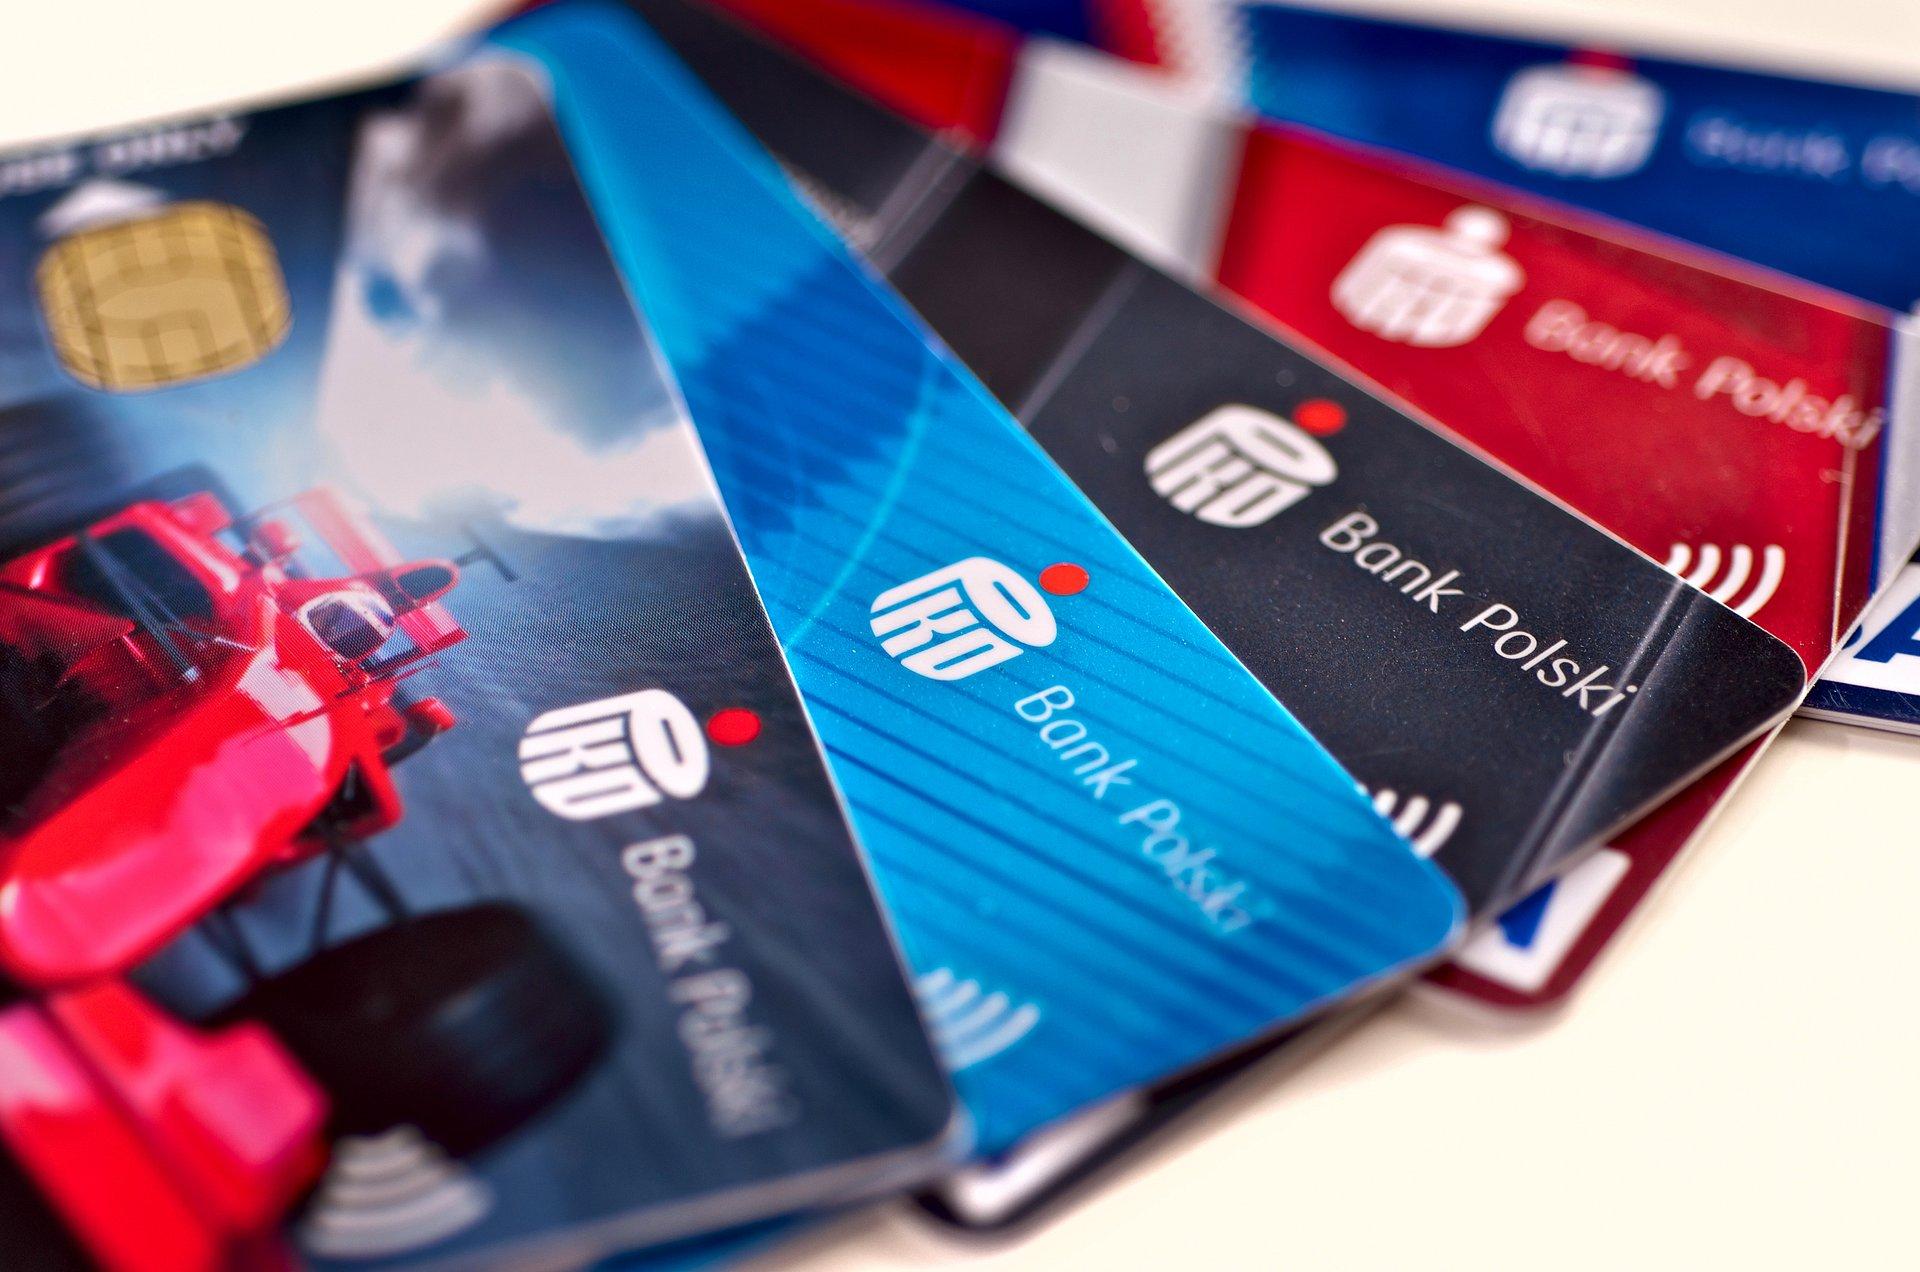 Nowe możliwości kart zbliżeniowych w PKO Banku Polskim